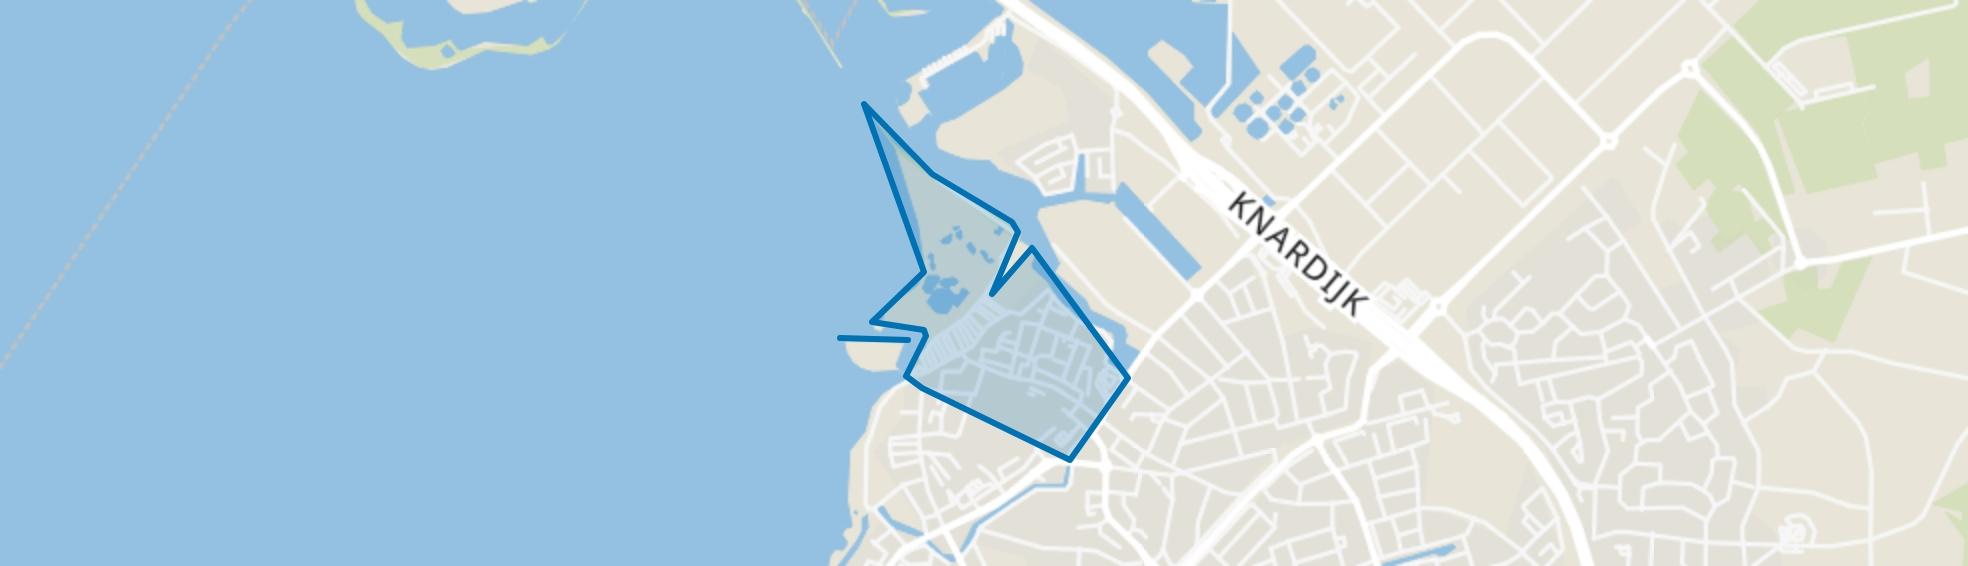 Binnenstad-Noord, Harderwijk map